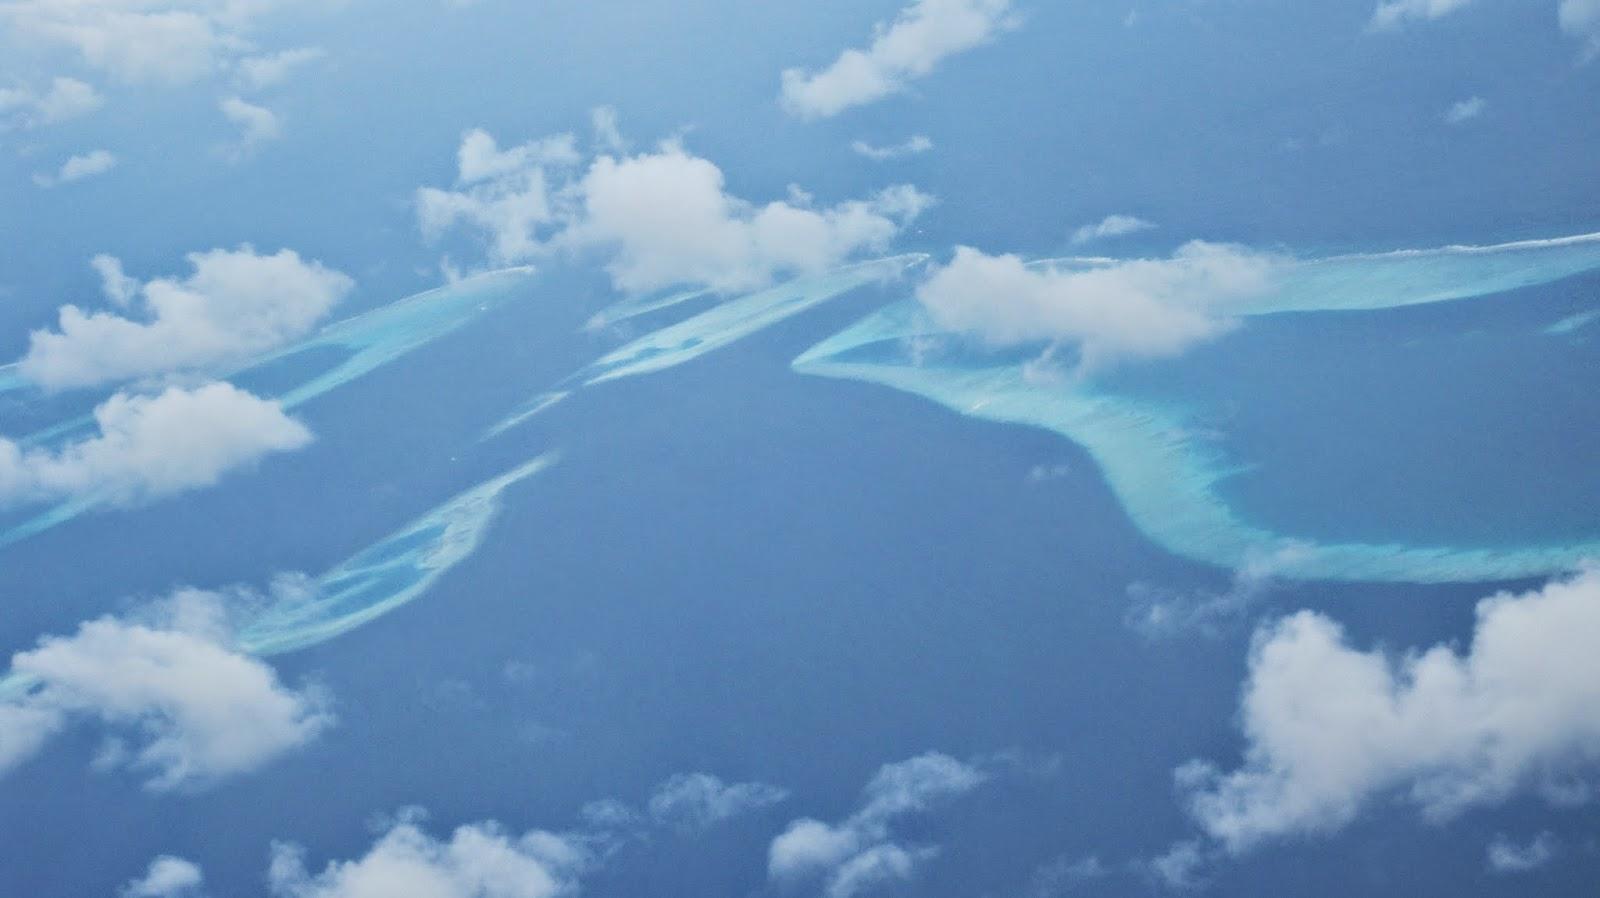 Vista aérea de atolones en Las Maldivas